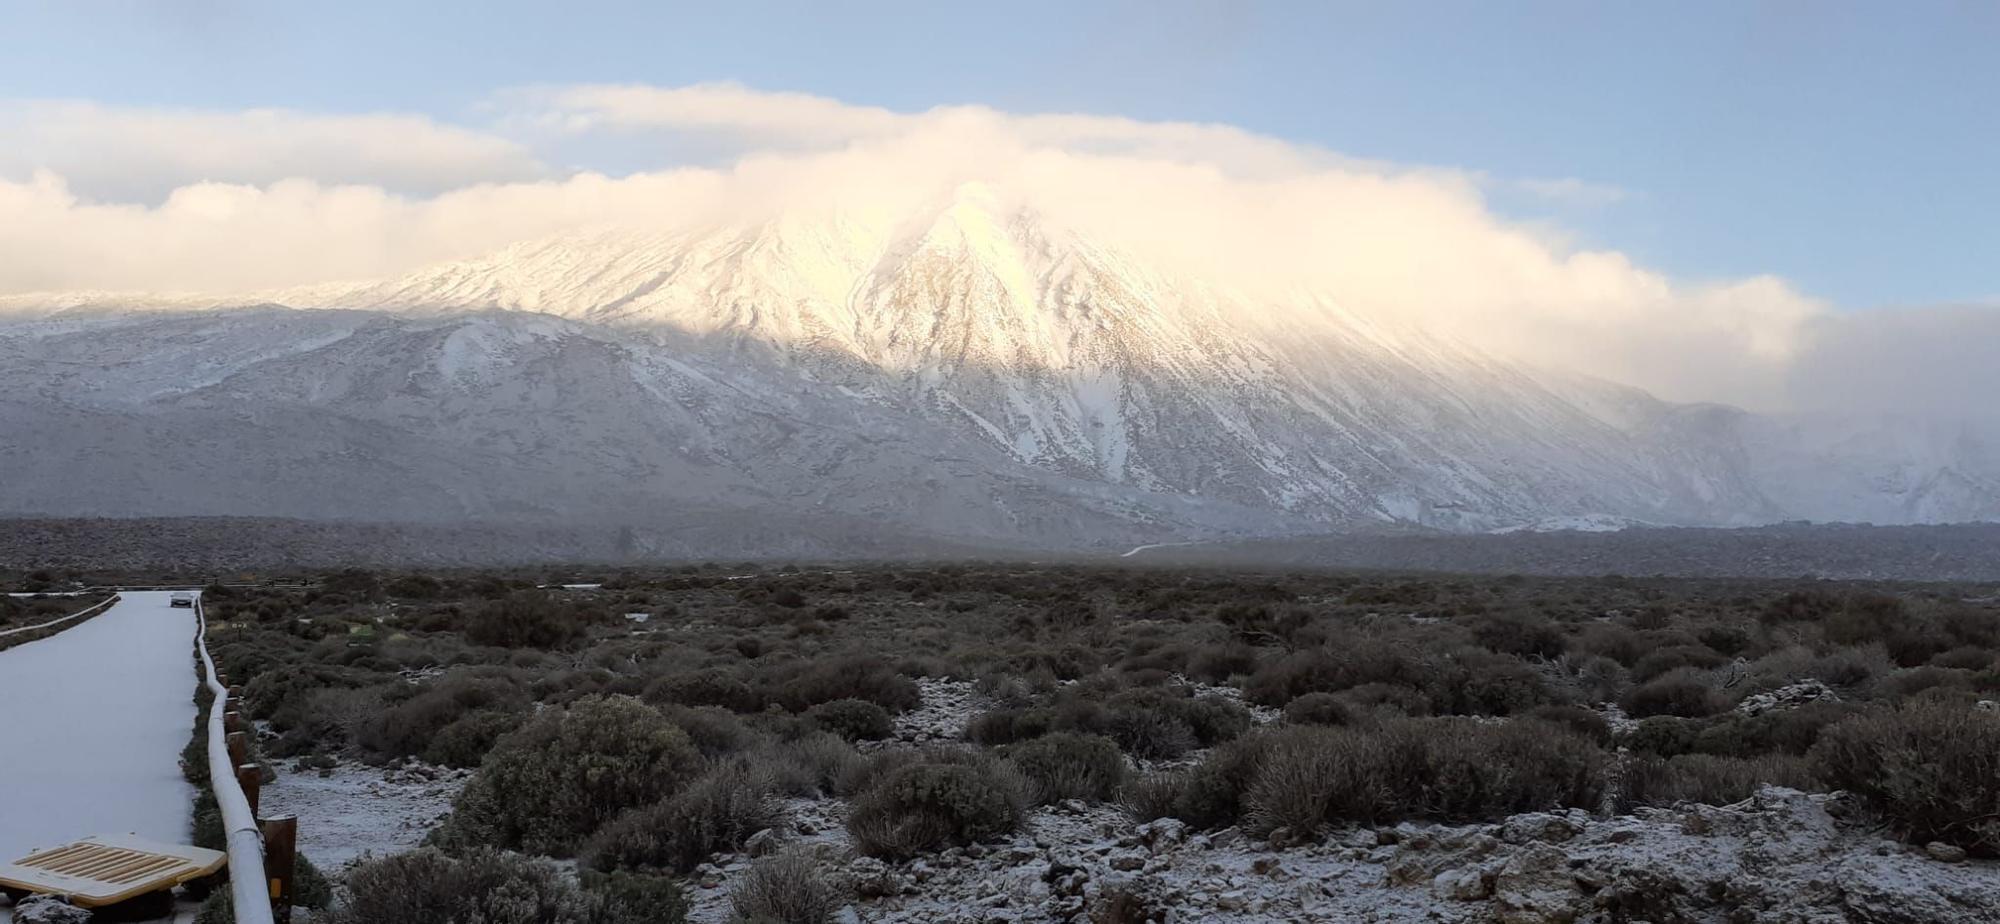 Las imágenes de la nevada en Tenerife